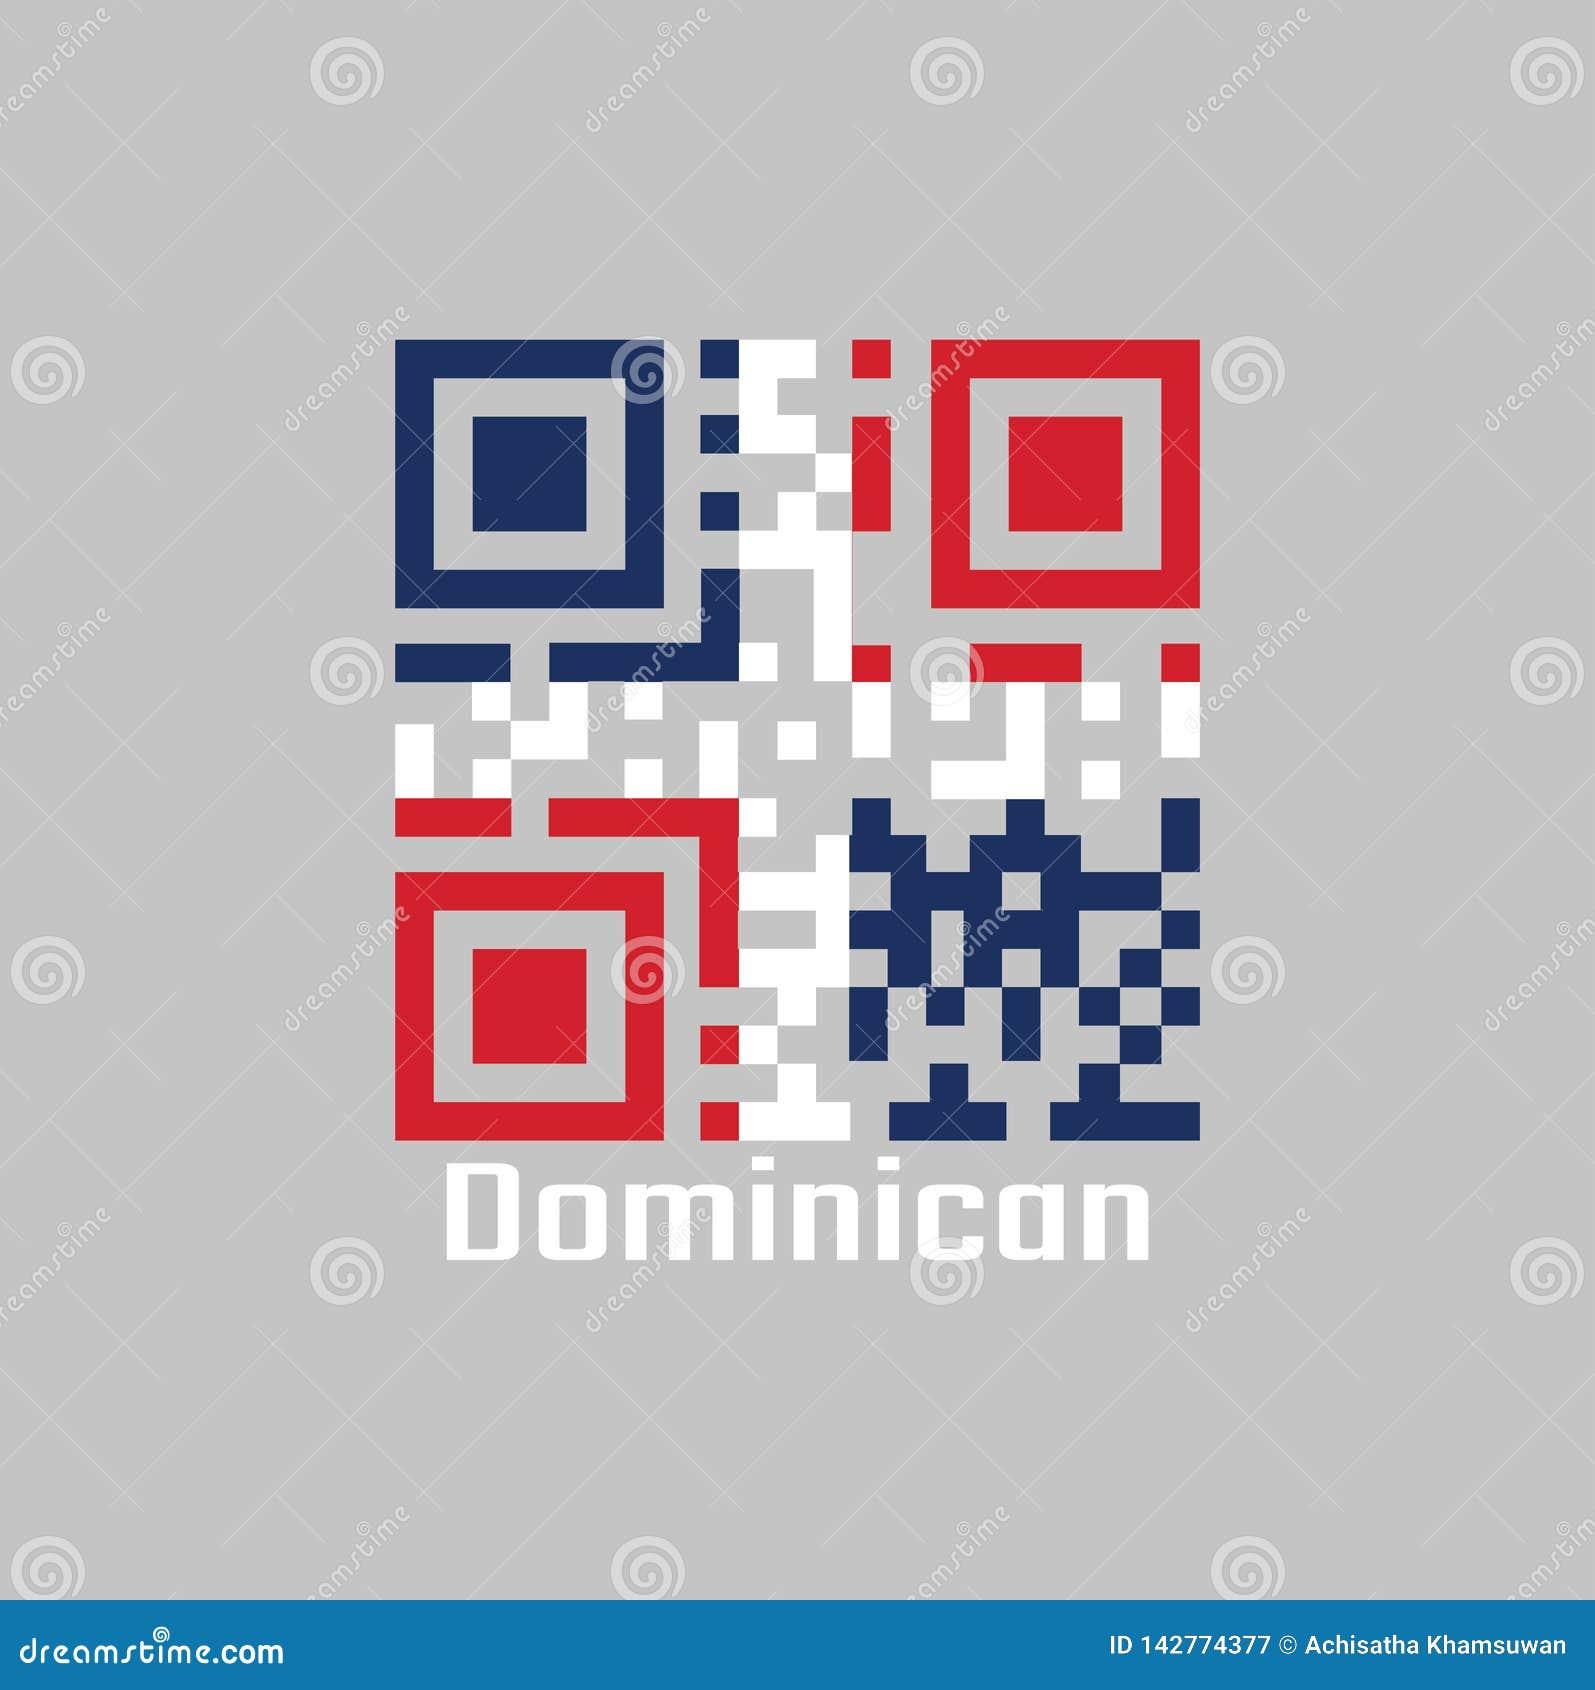 Codes de QR la couleur du drapeau dominicain Une croix blanche dans quatre rectangles, bleu et rouge au supérieur et rouge et bl